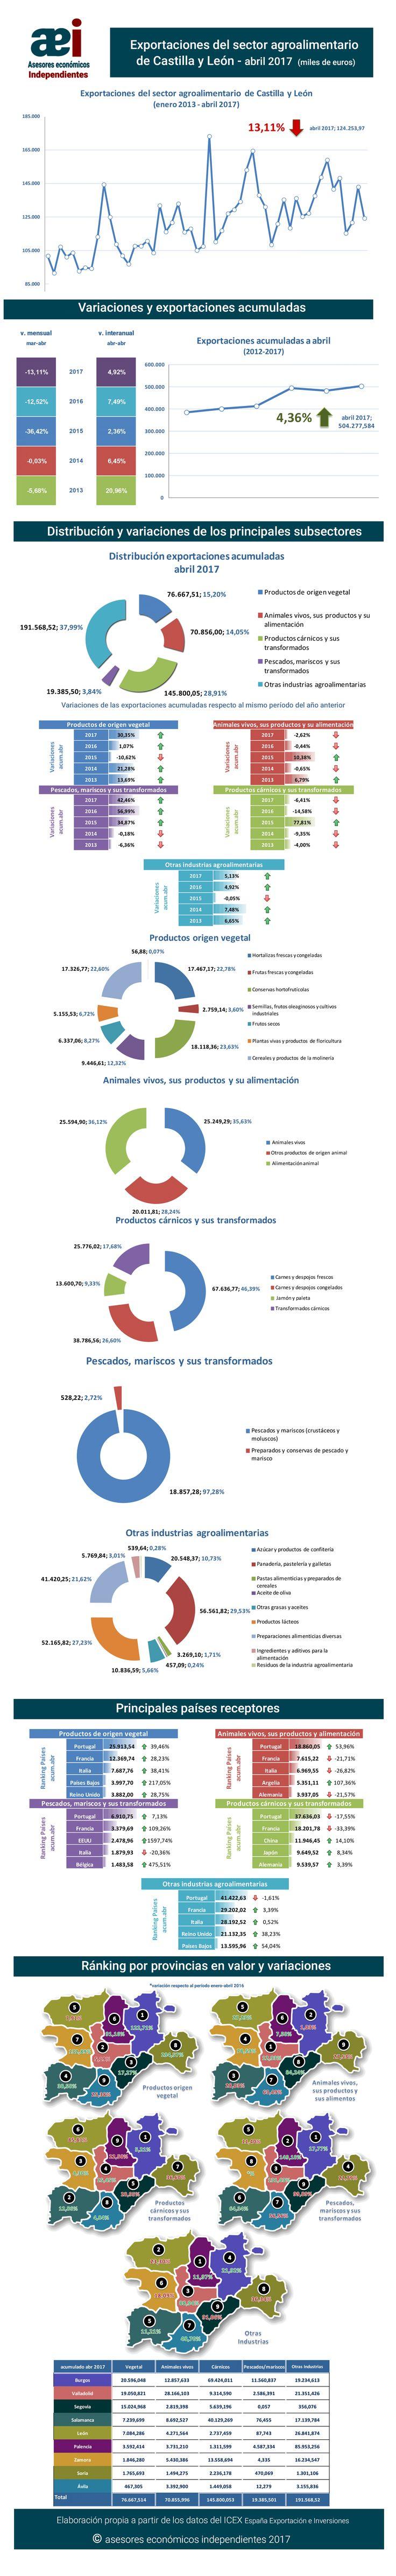 infografía de exportaciones del sector agroalimentario de Castilla y León en el mes de abril 2017 realizada por Javier Méndez Lirón